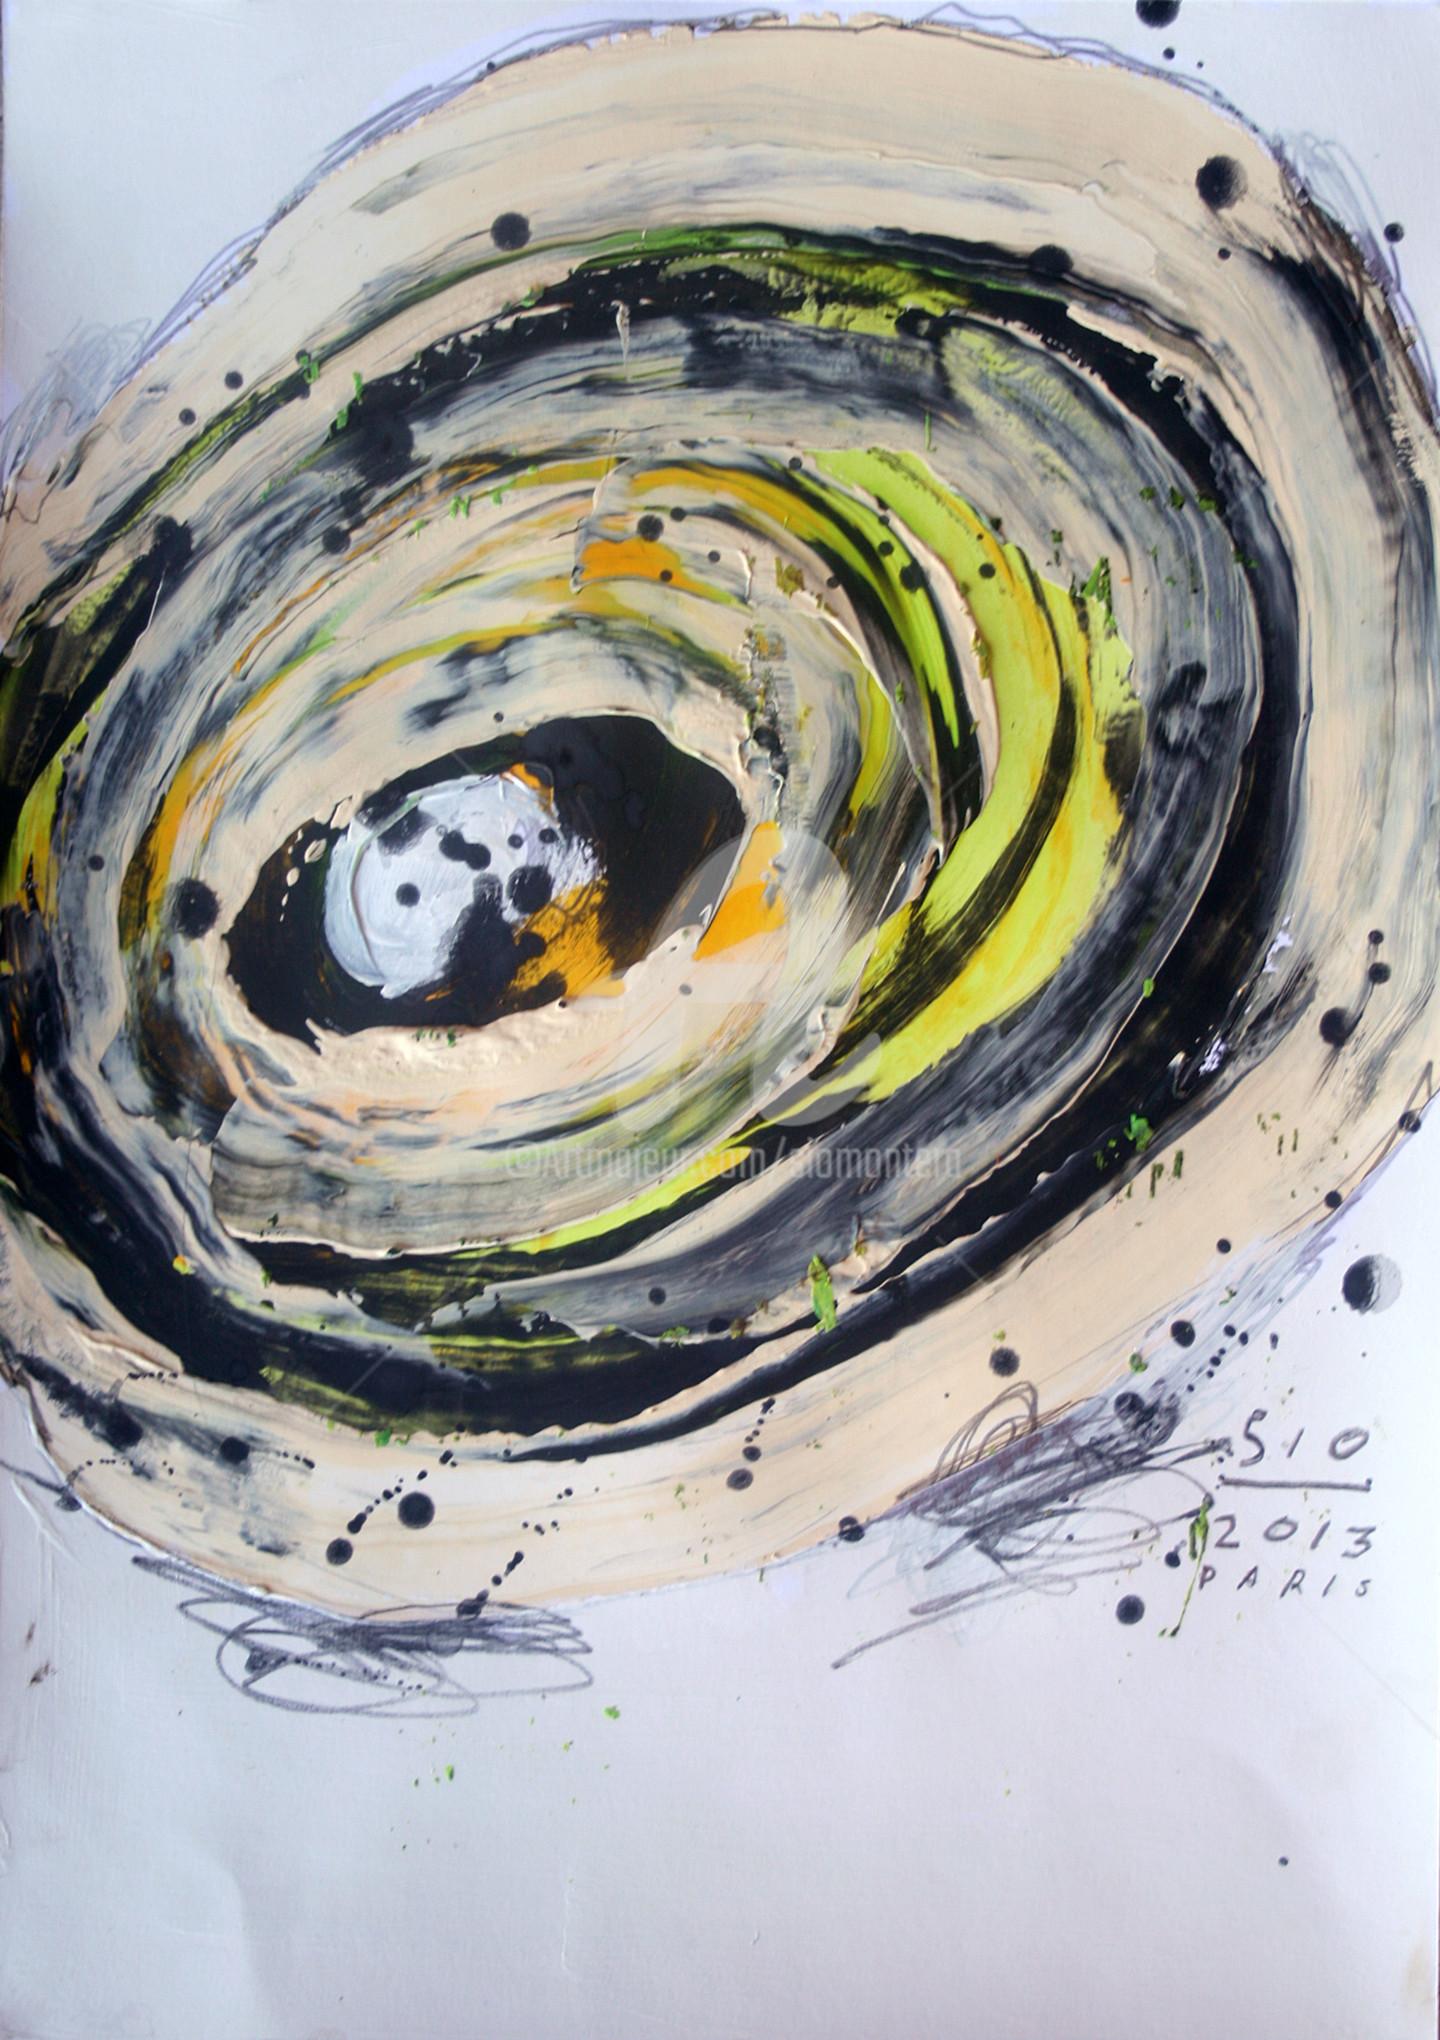 Sio Montera - Impression de Paris #12